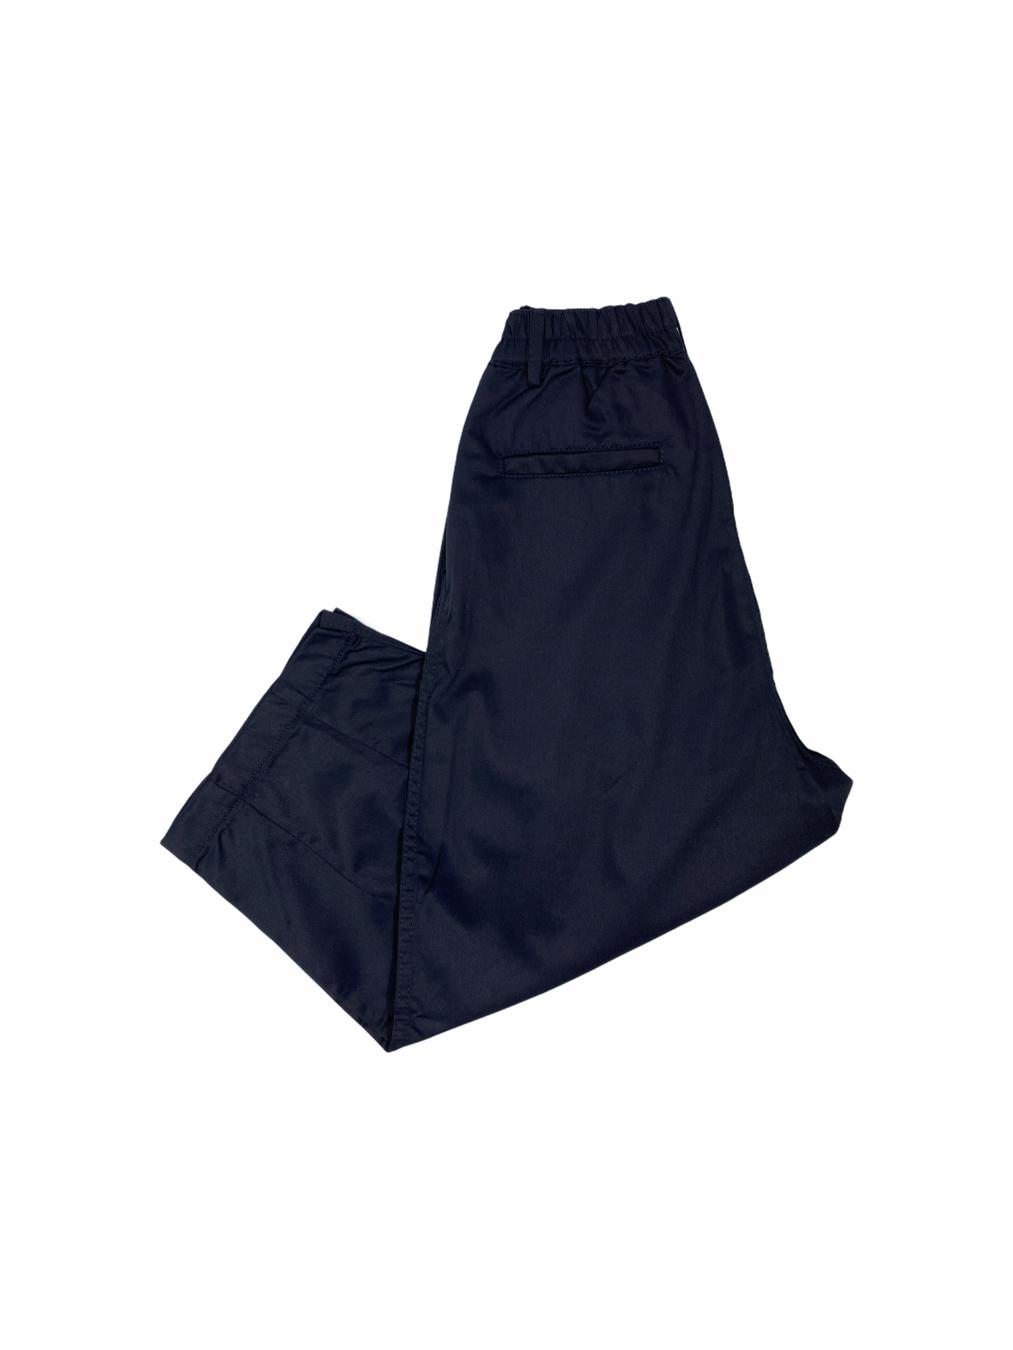 Balloon Pants (Oxford Blue)